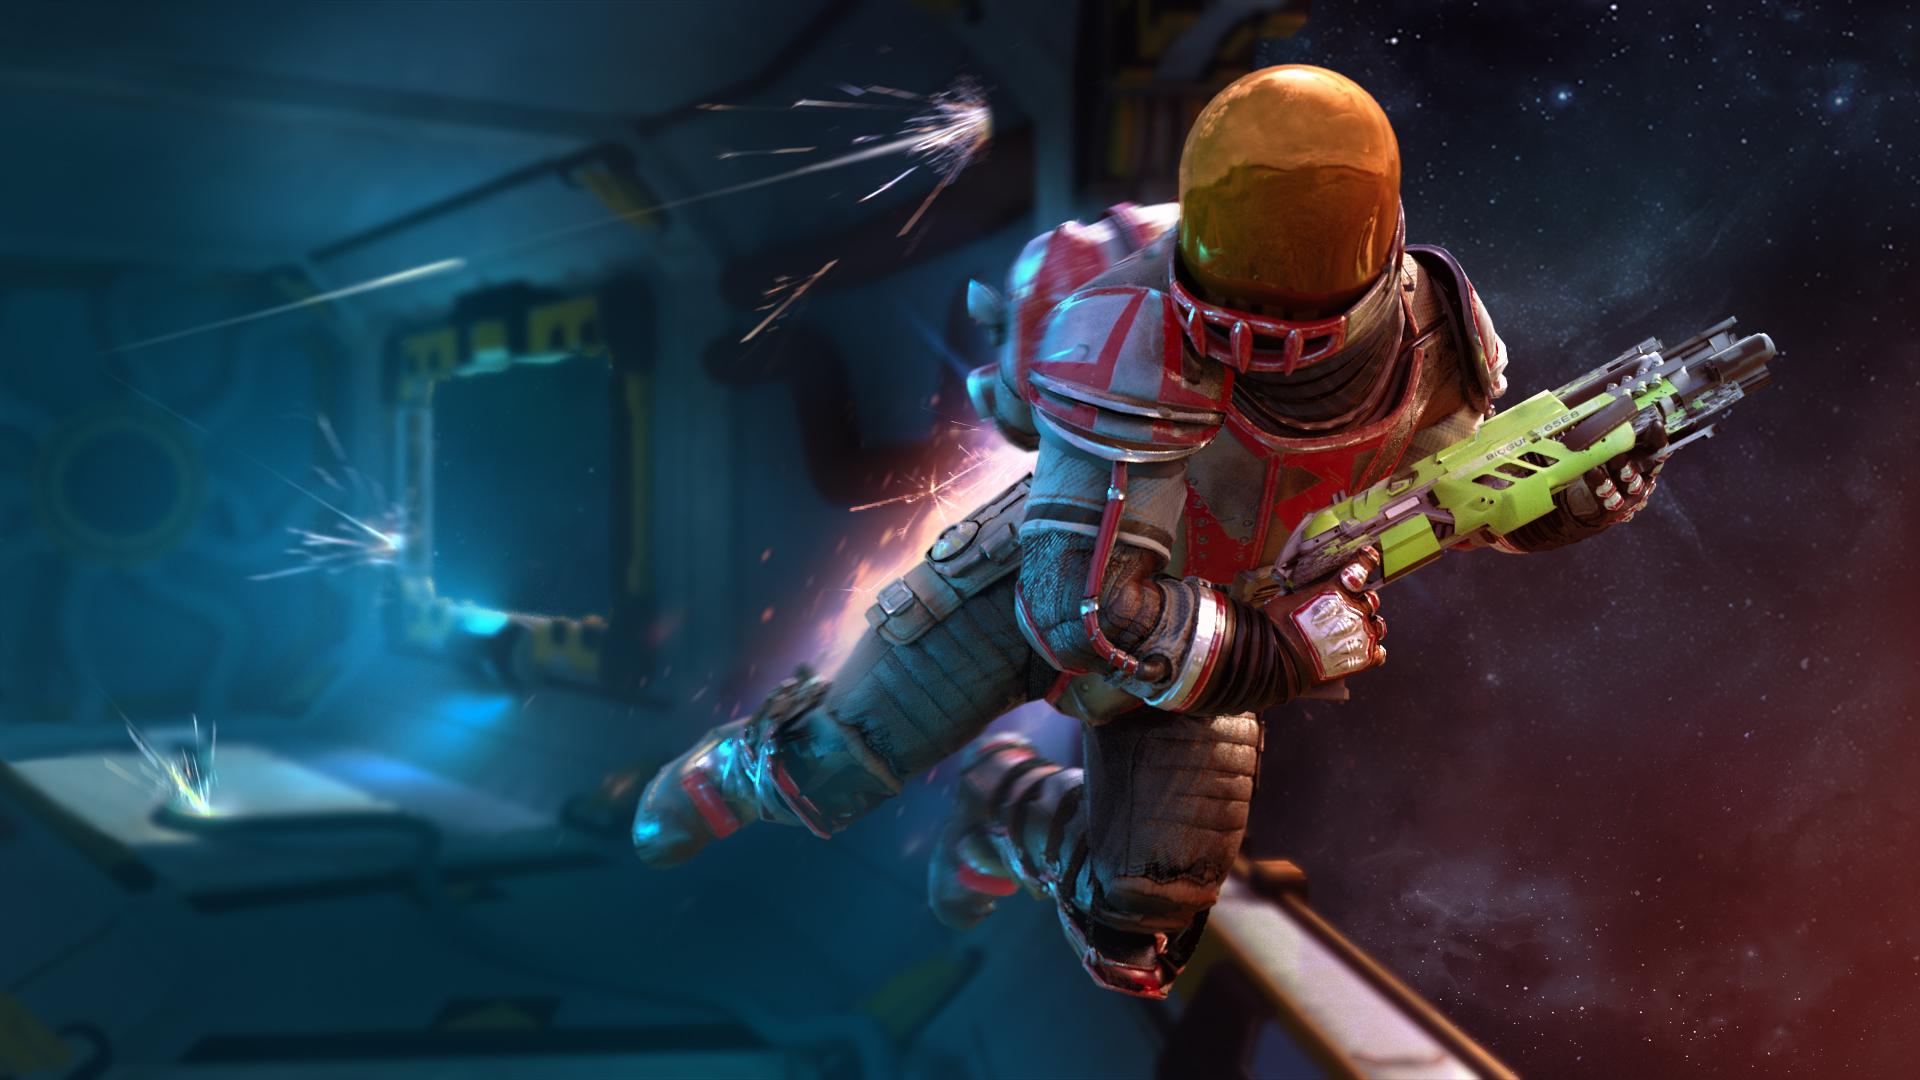 space junkies wallpaper 67824